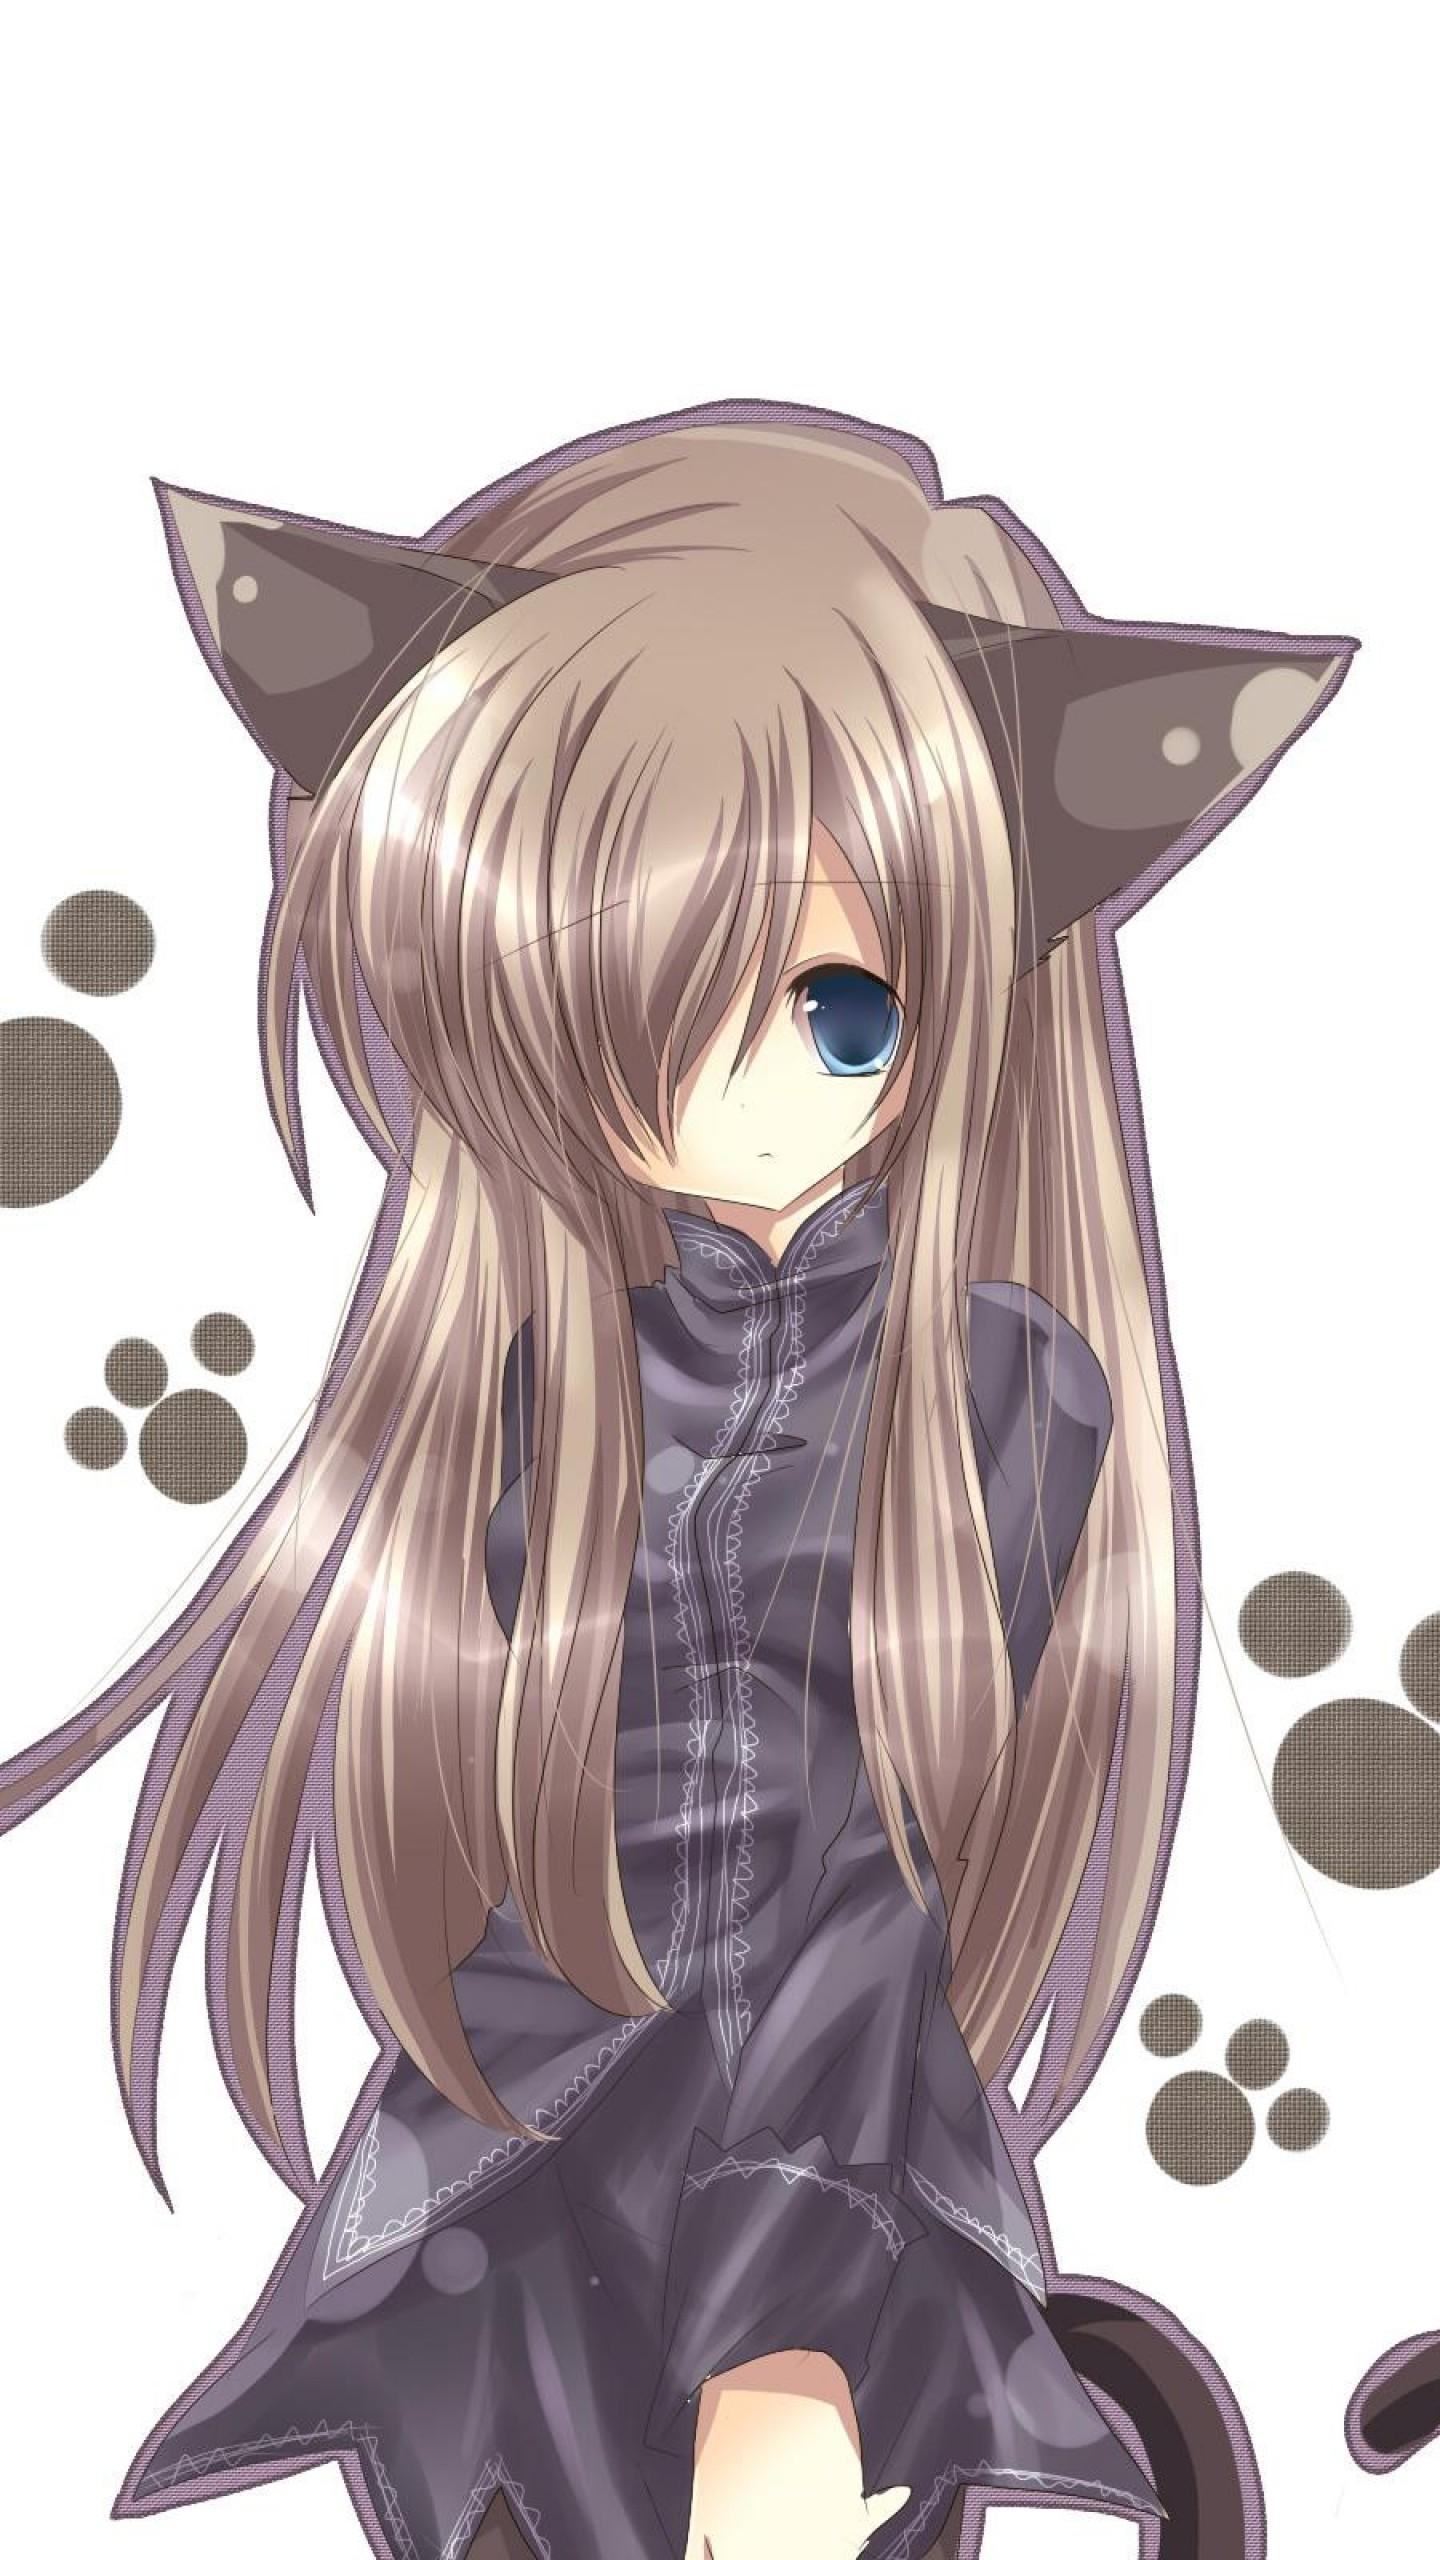 Preview wallpaper cat girl, nekomimi, art, anime, girl 1440×2560